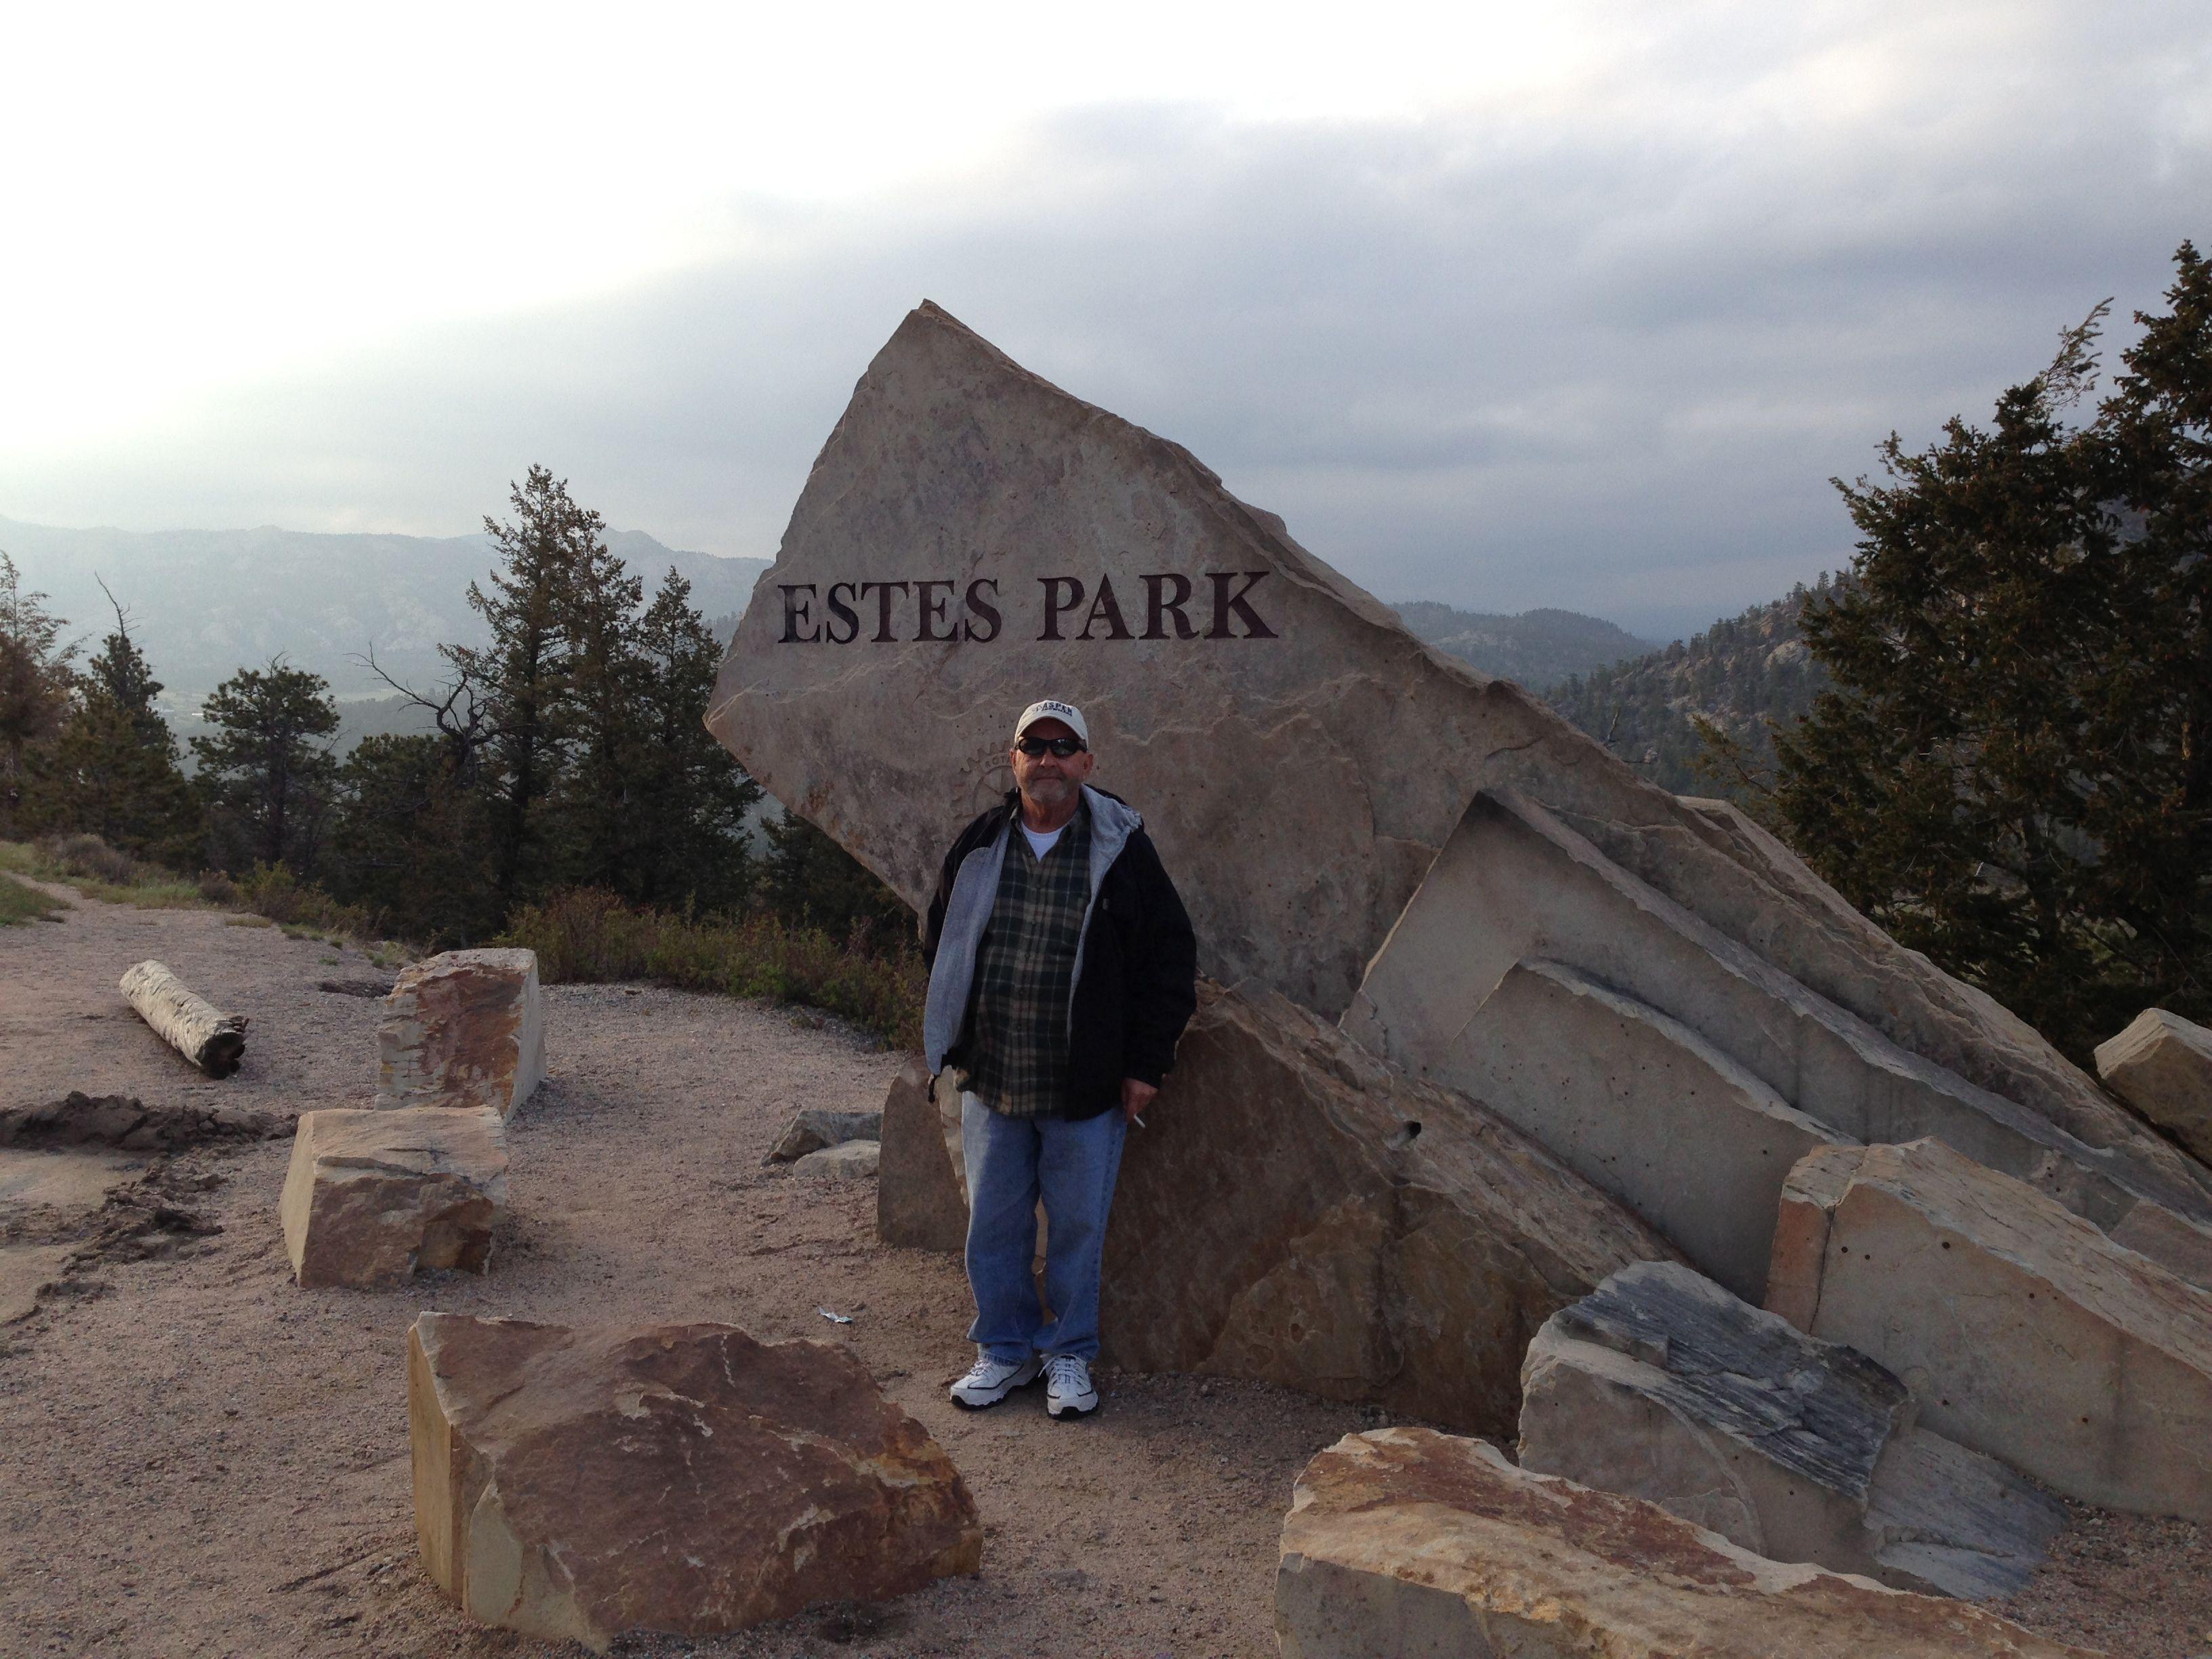 Atop Estes Park, CO